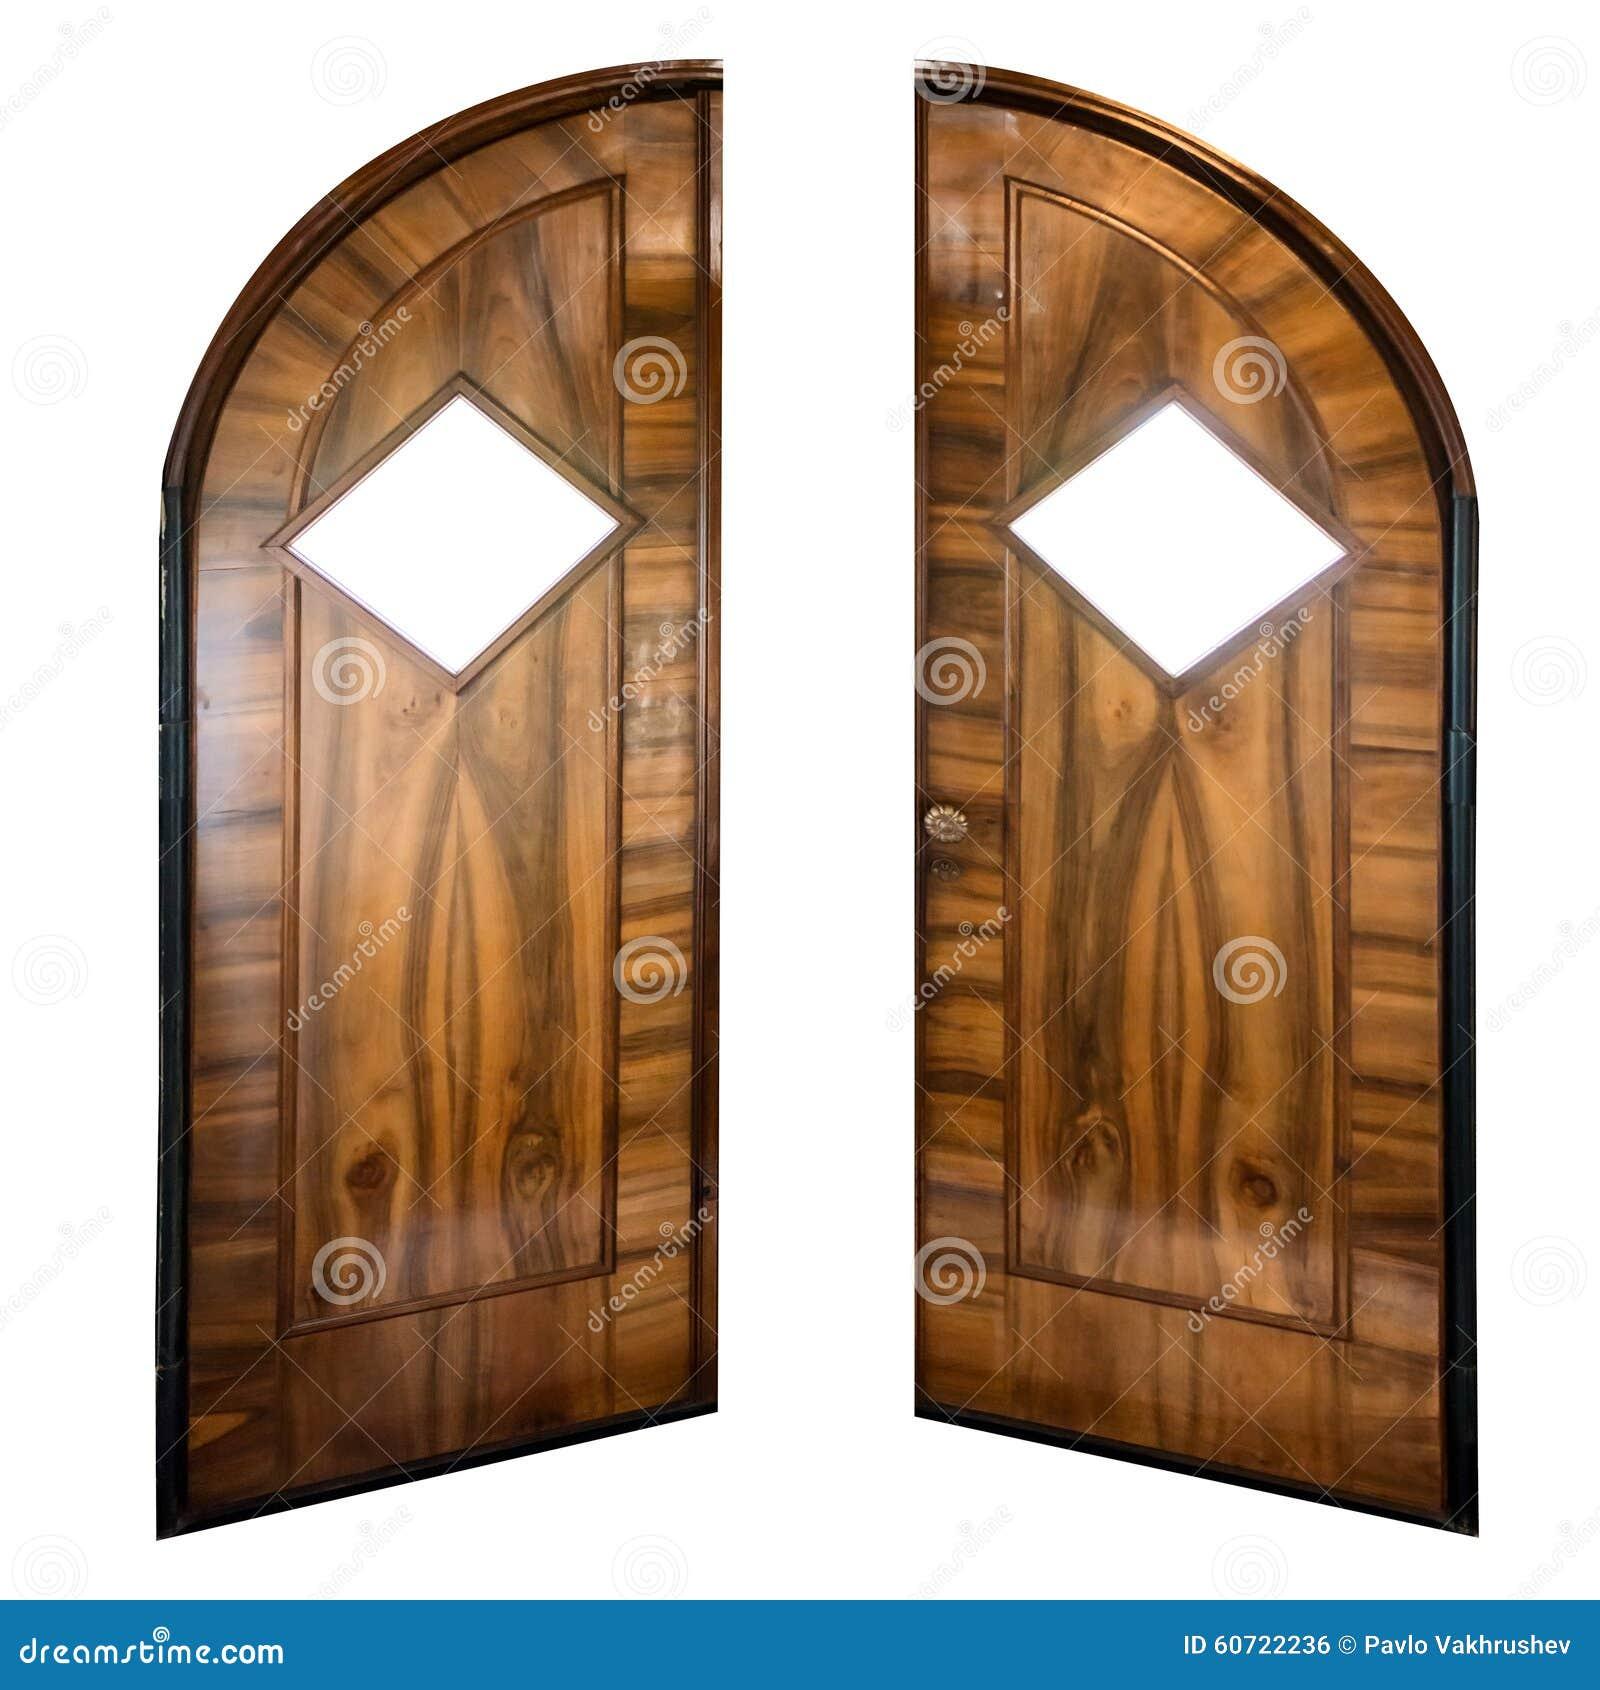 open wooden door Gallery